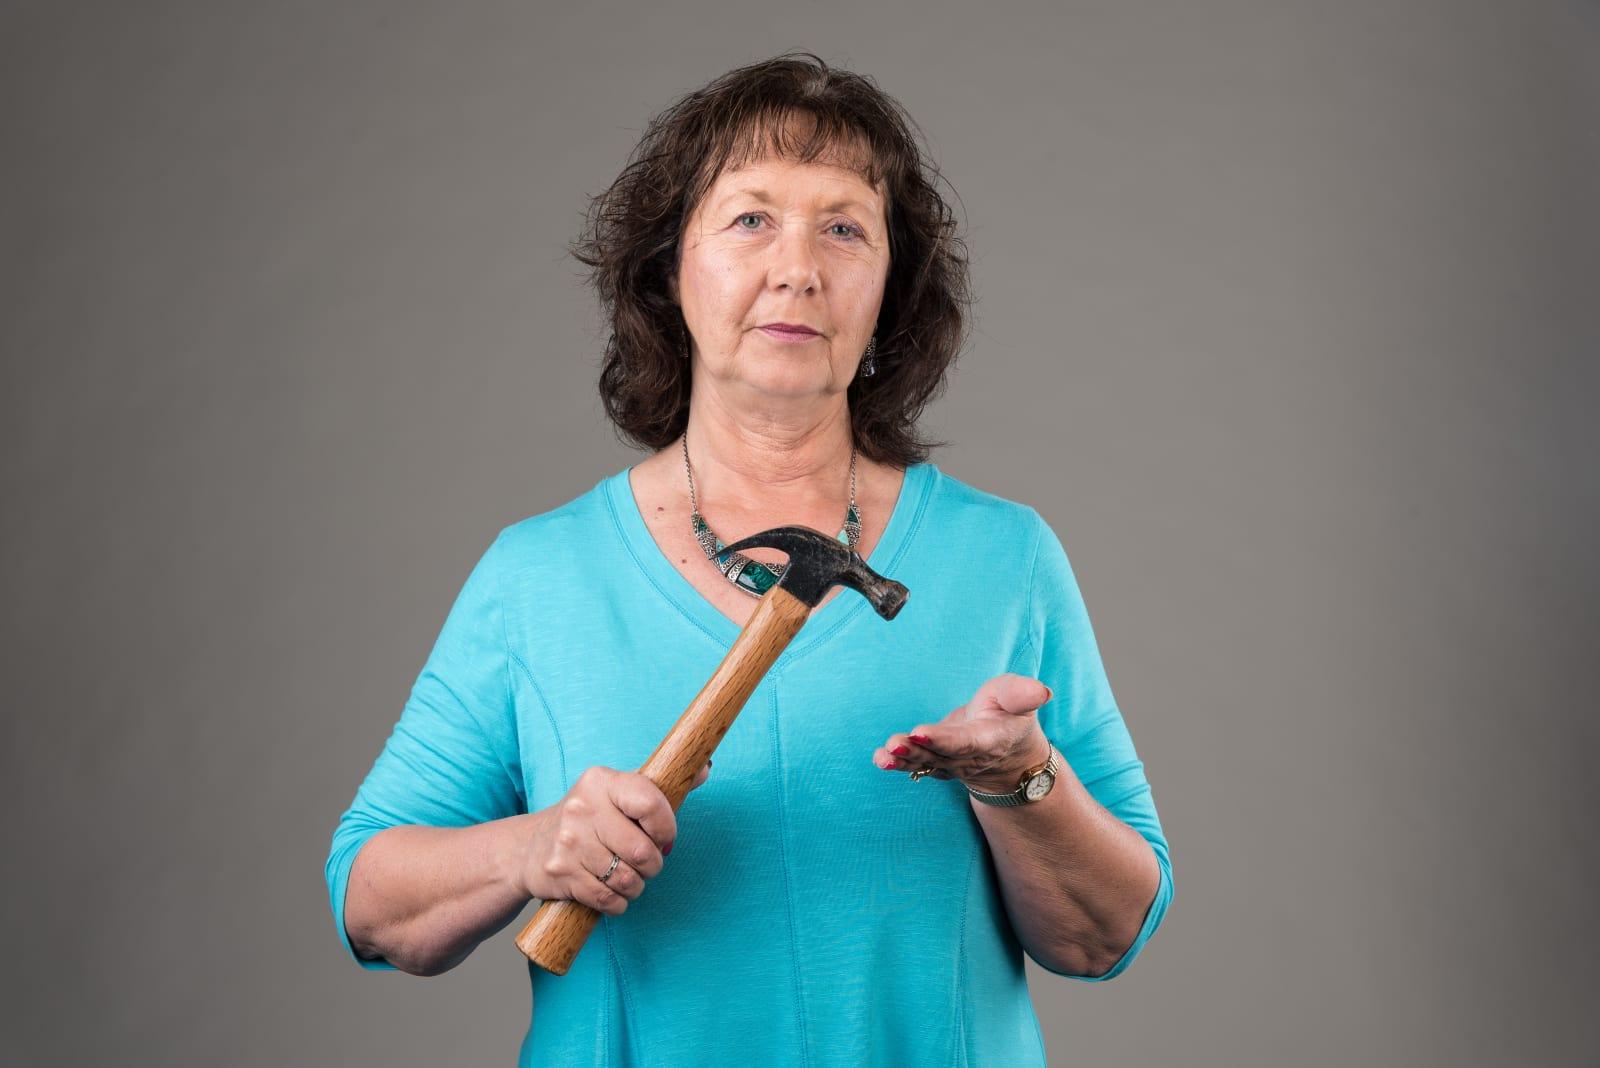 Cindy Struensee with Hammer